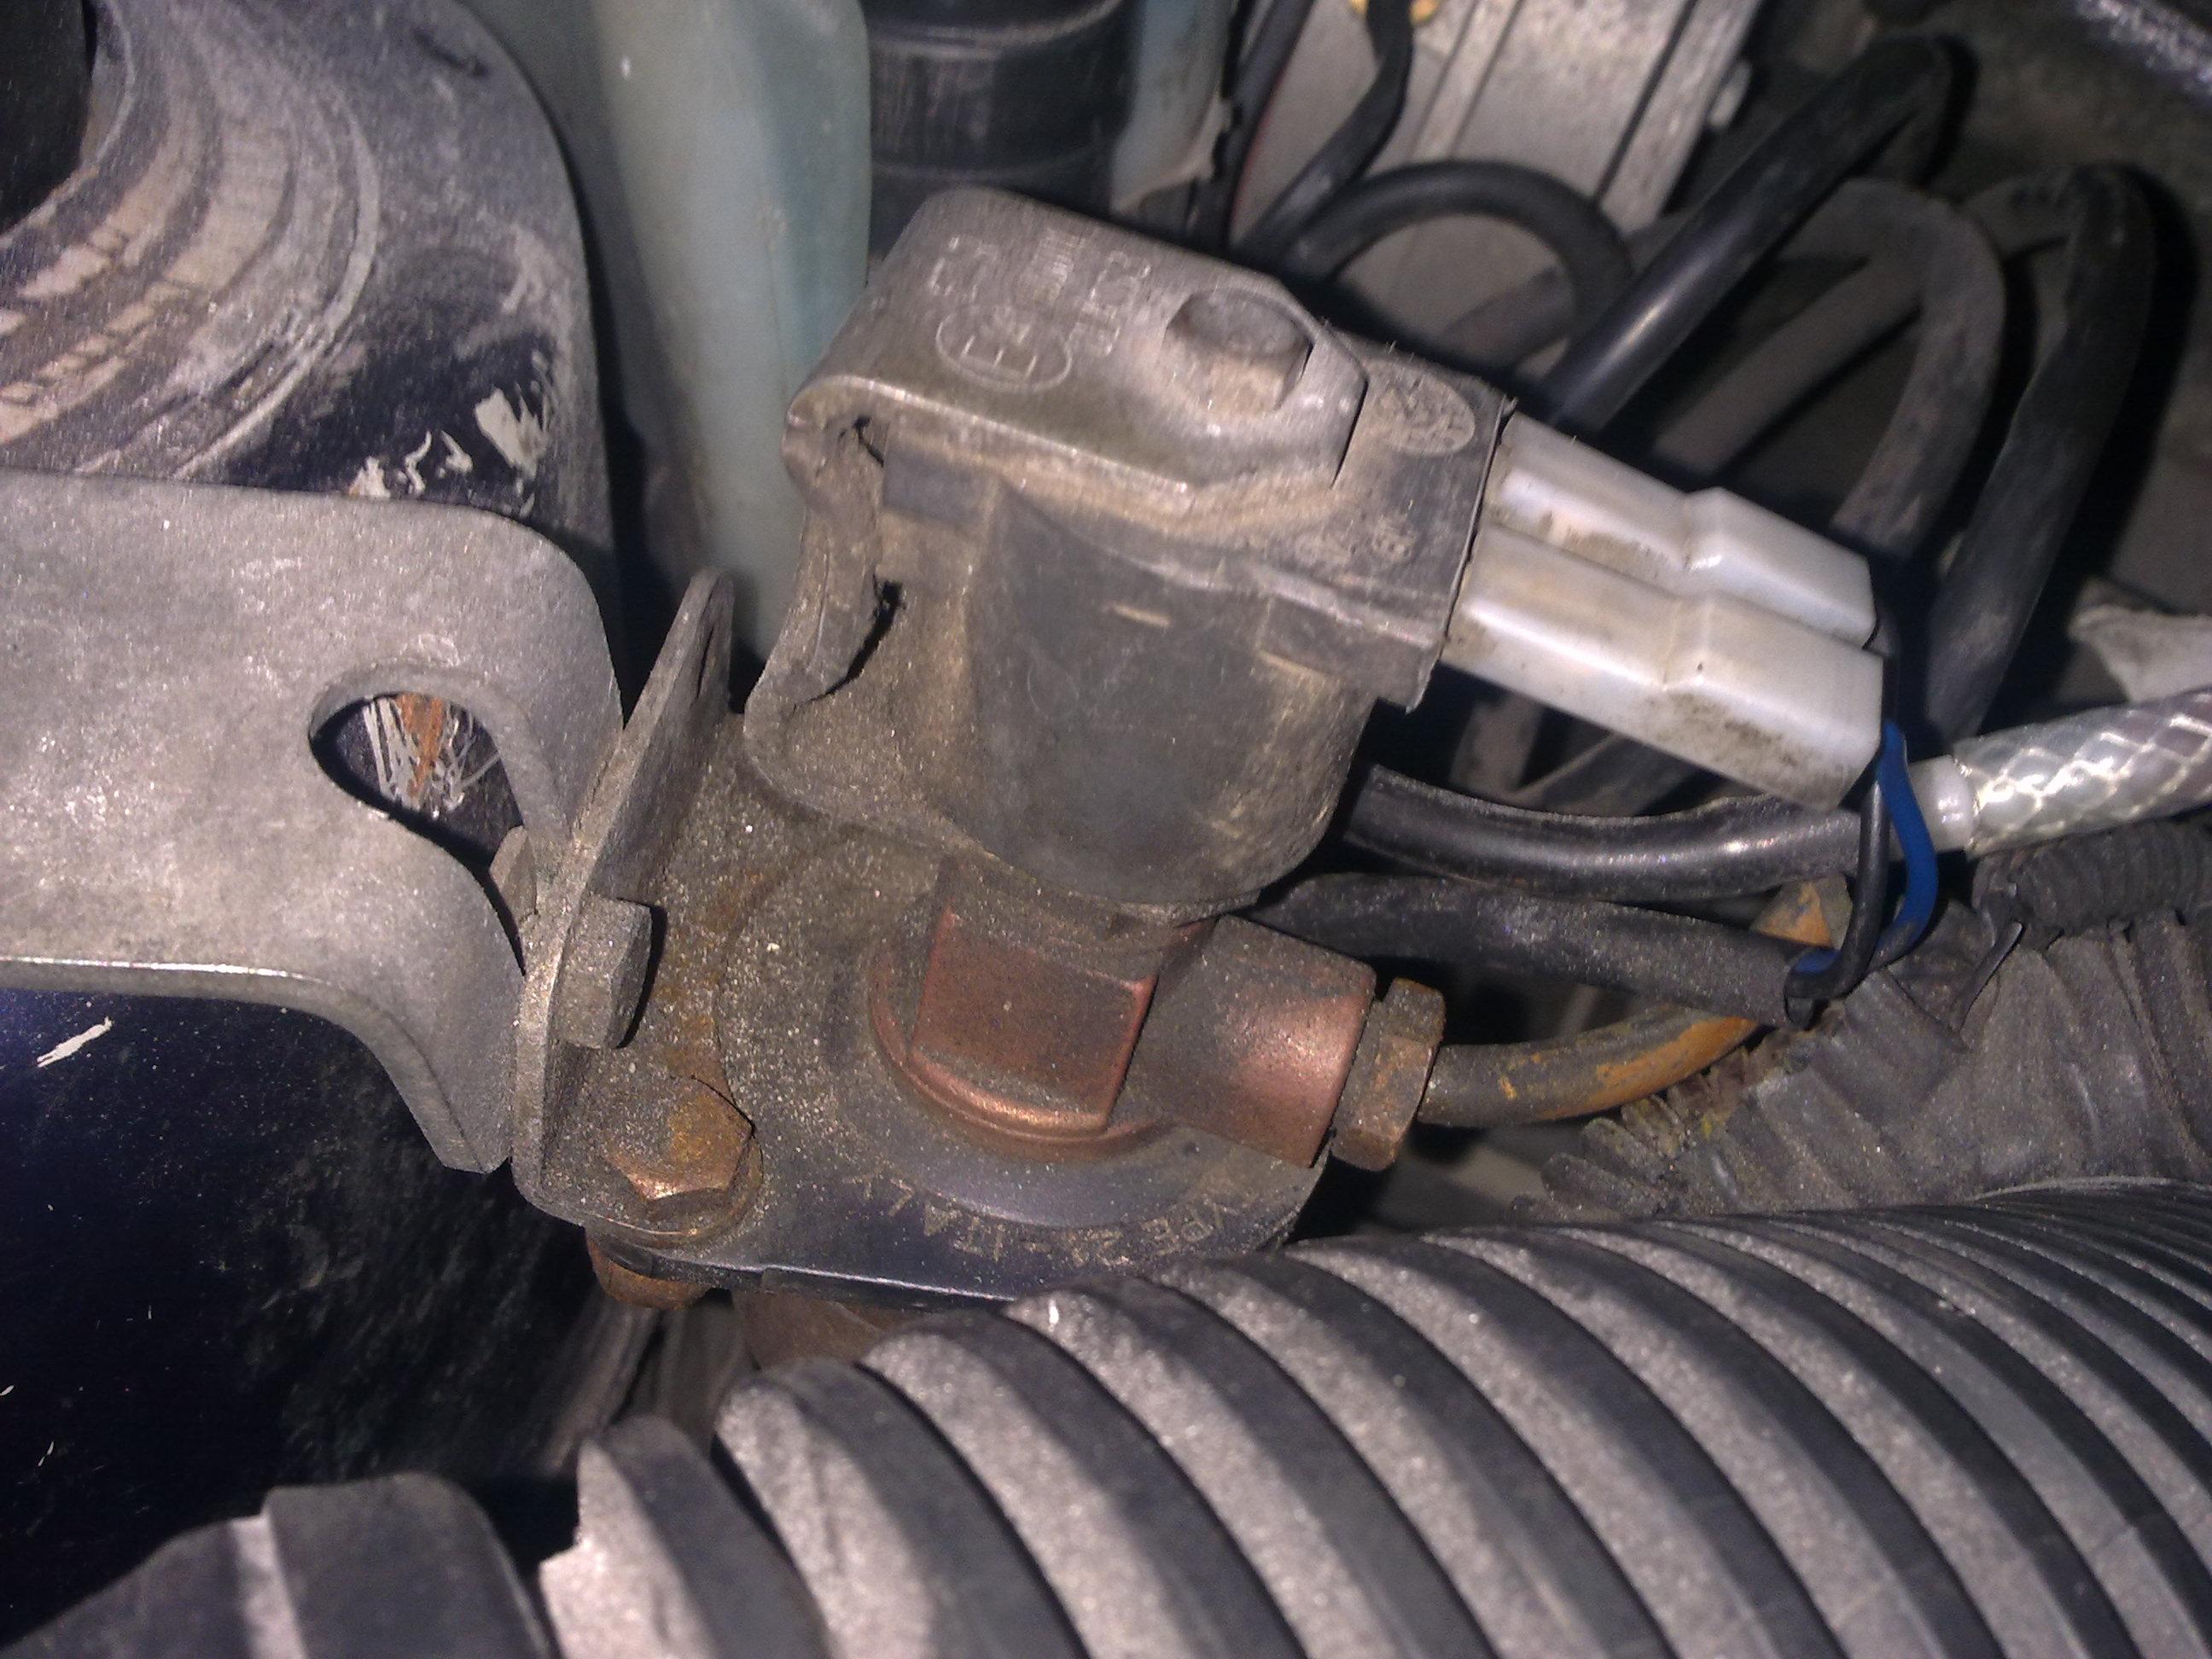 Opel Astra F 1,6 16V '97  -  silnik nie chce si� prze��czy� na gaz